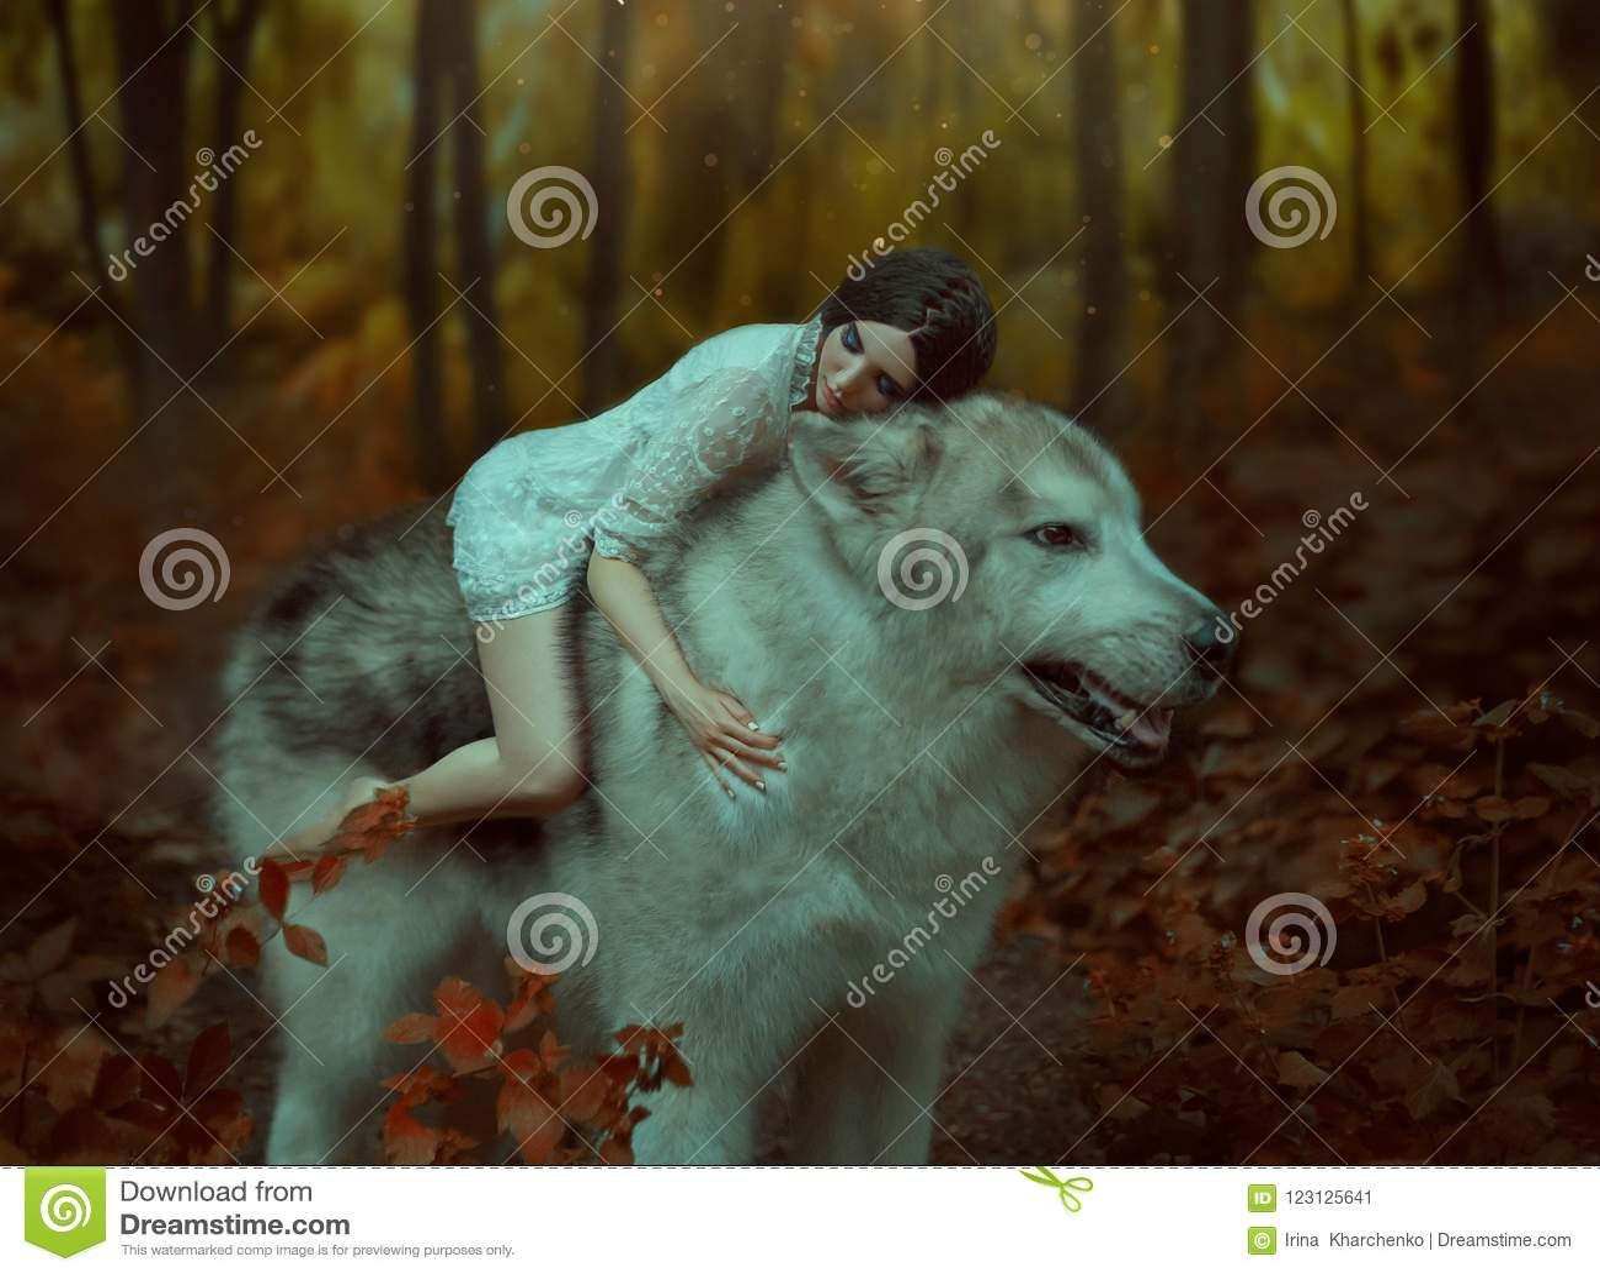 Ένα εύθραυστο κορίτσι που οδηγά έναν λύκο, όπως την πριγκήπισσα Mononoke dof ομορφιάς σκυλιών εστίασης ρηχός ύπνος μύτης s εικόνα